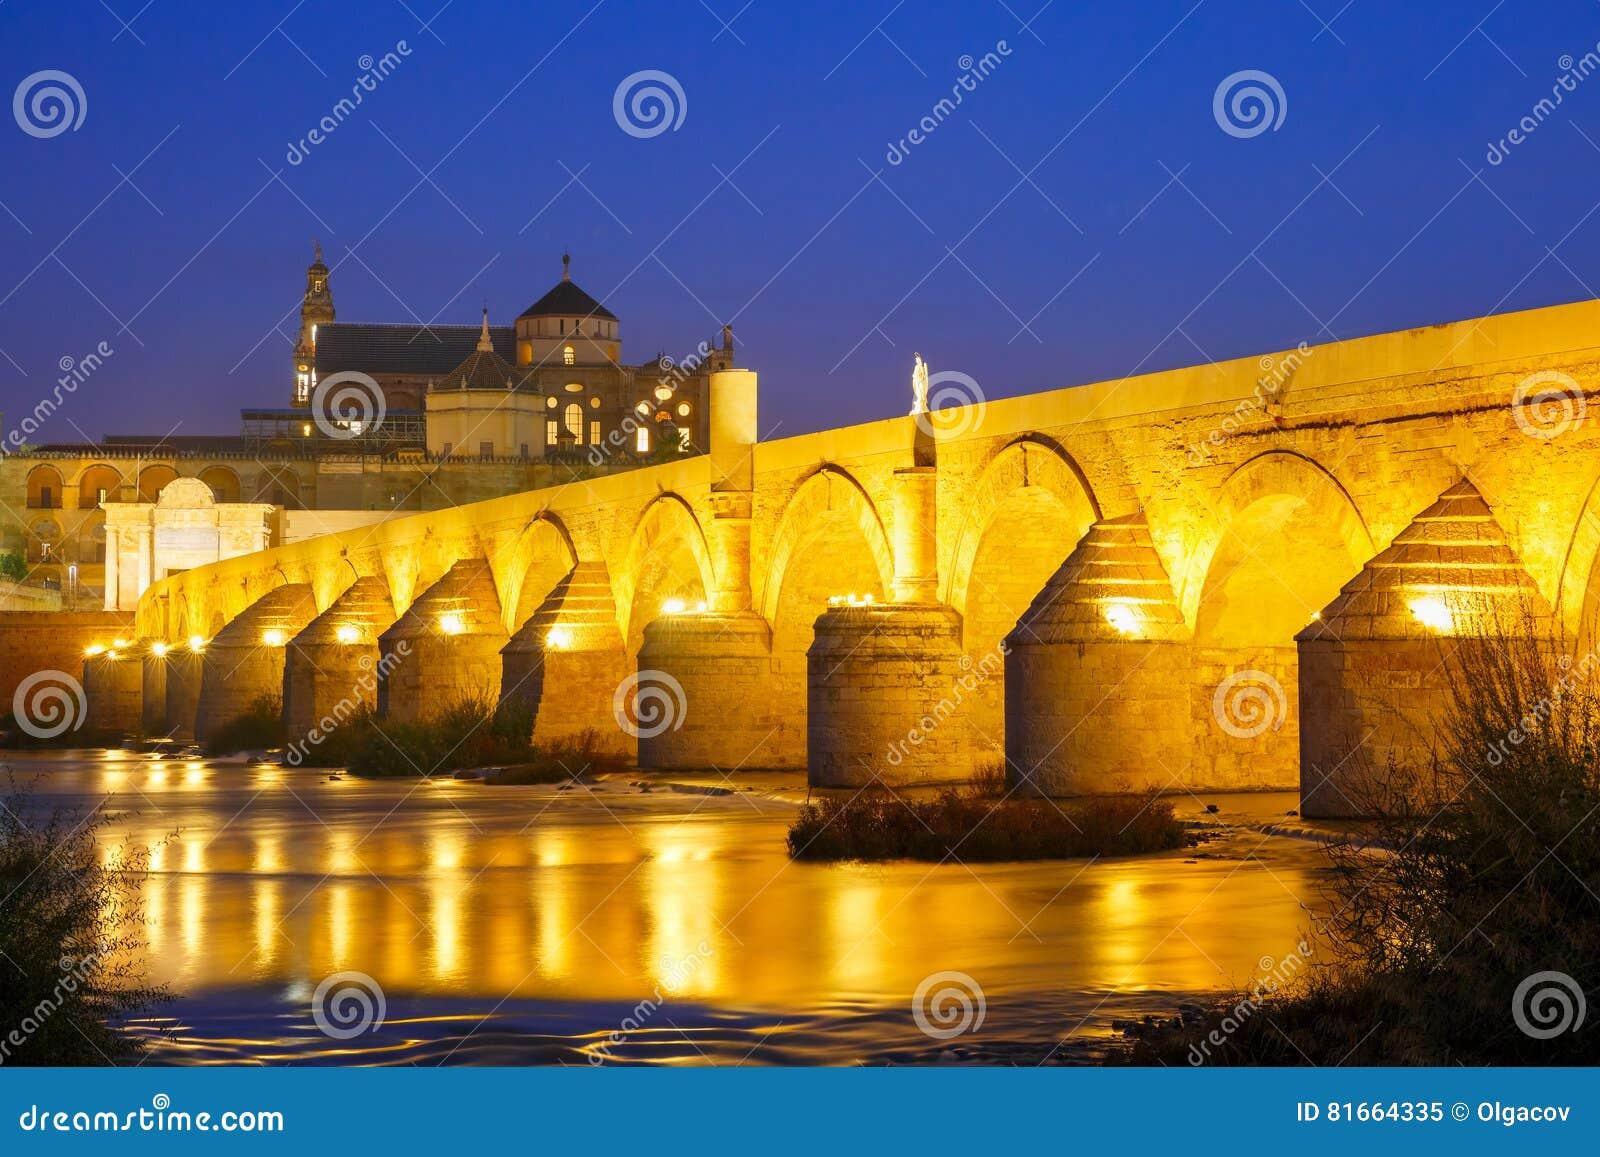 夜梅斯基塔和罗马桥梁在科多巴,西班牙